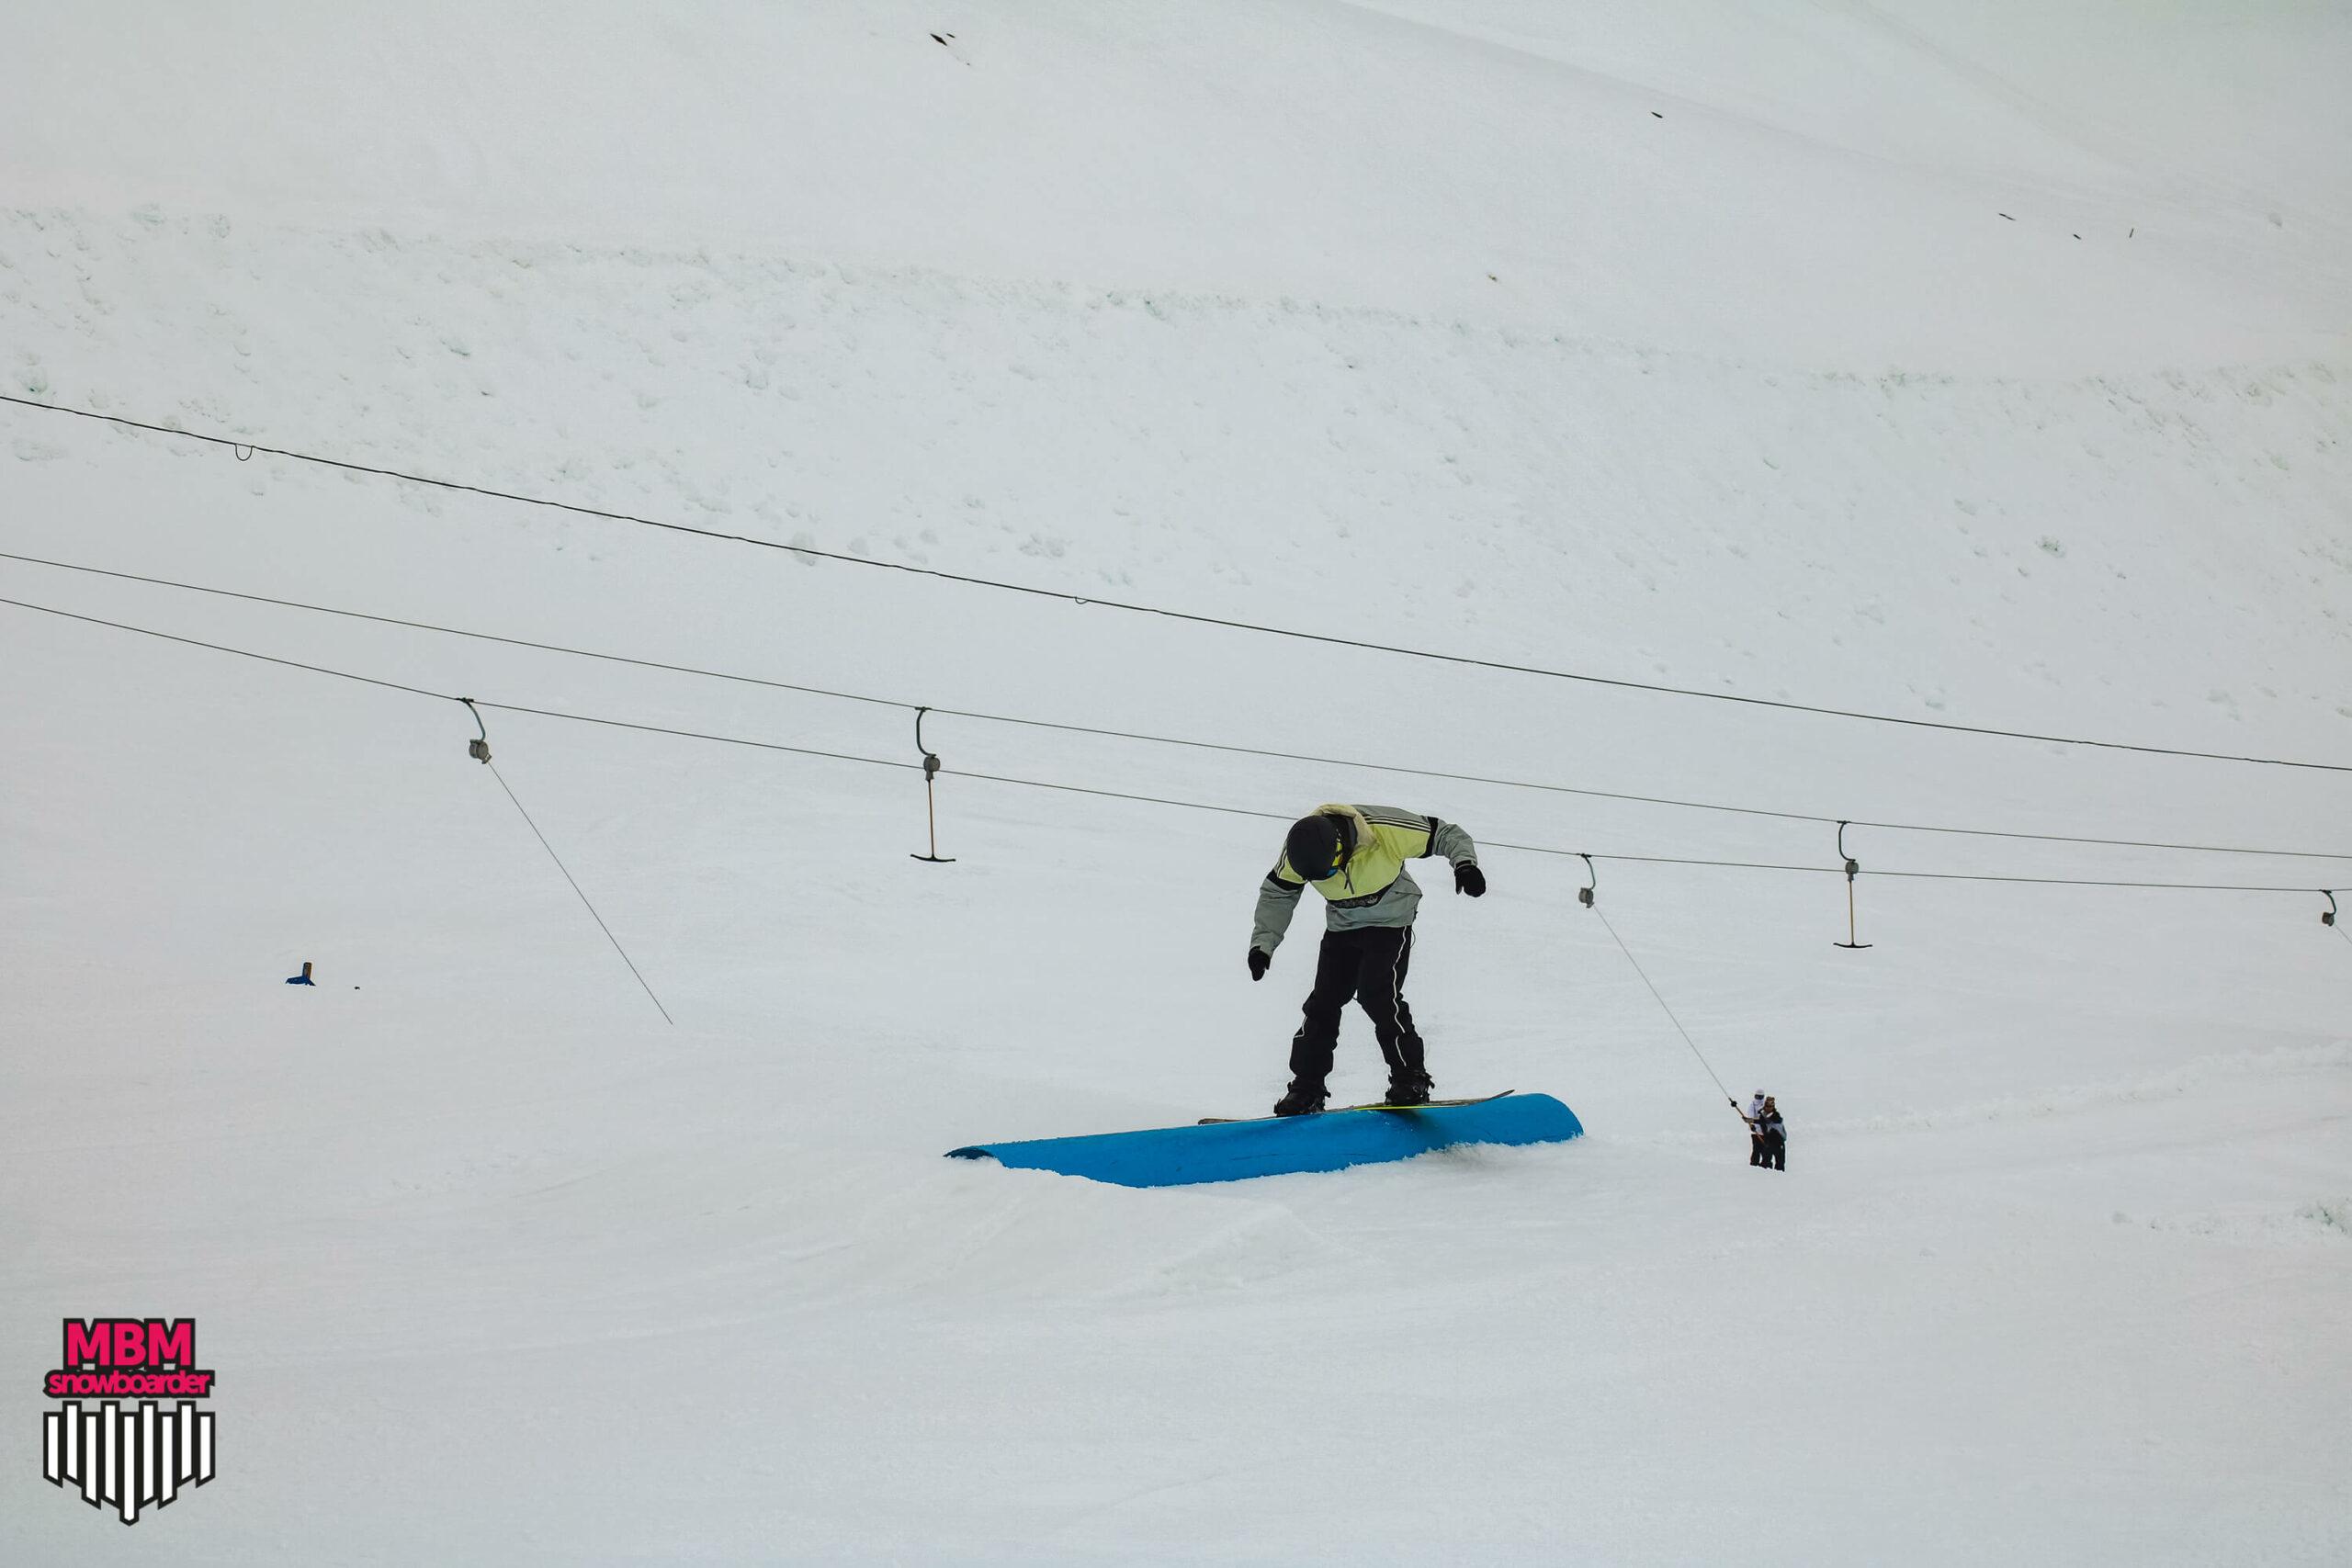 snowboarderMBM_sd_kaunertal_024